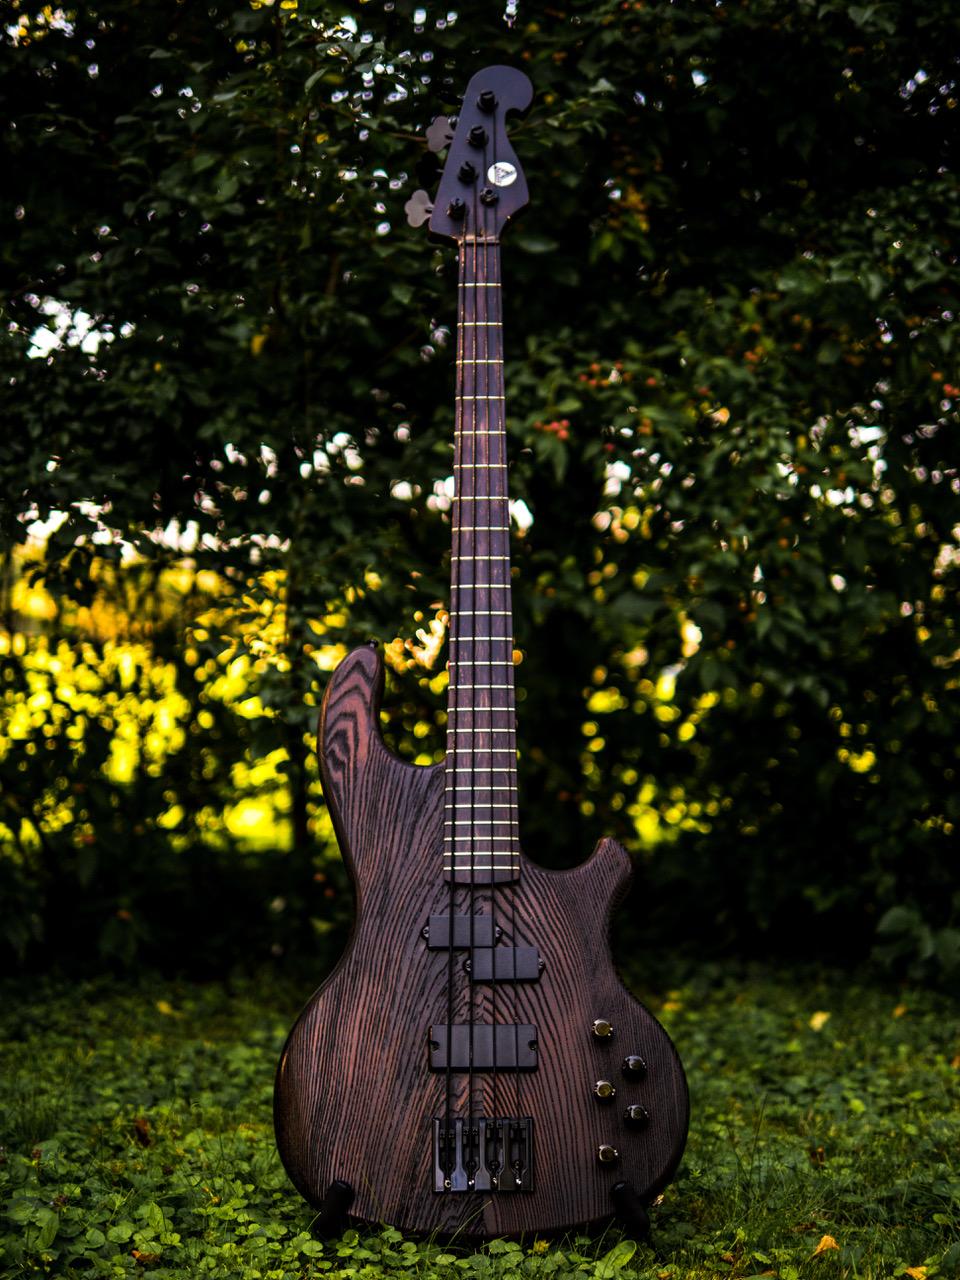 Making Of Dark Bass. - Die Entstehung